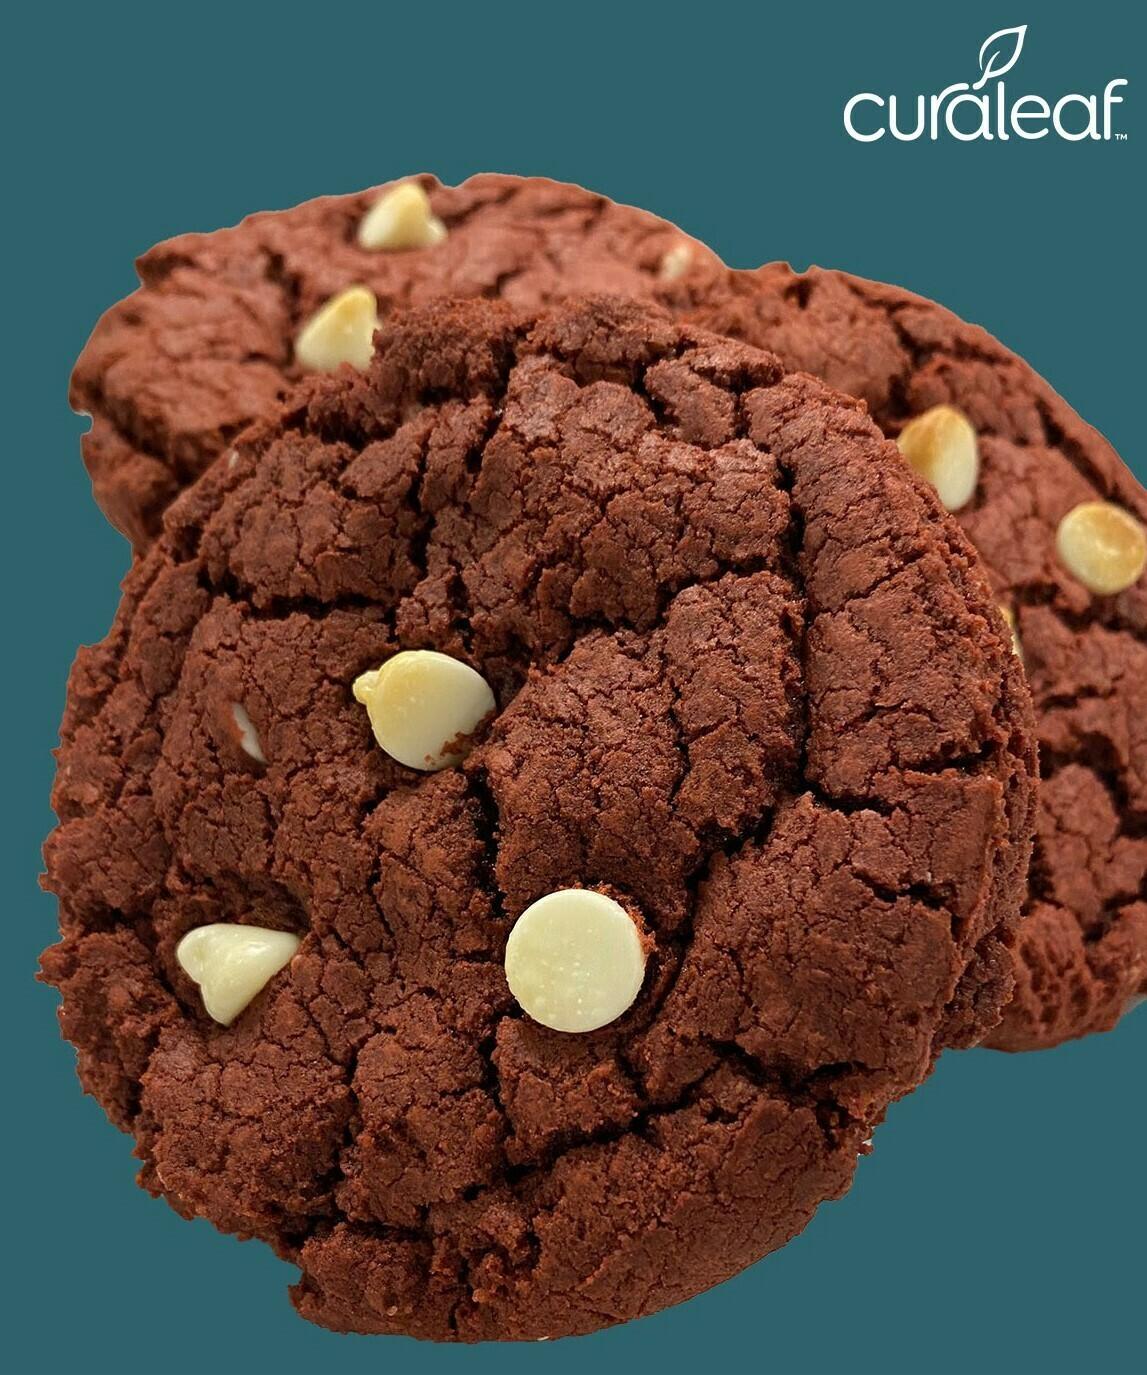 Red Velvet Cookie 11176 - 20.70mg (Curaleaf)